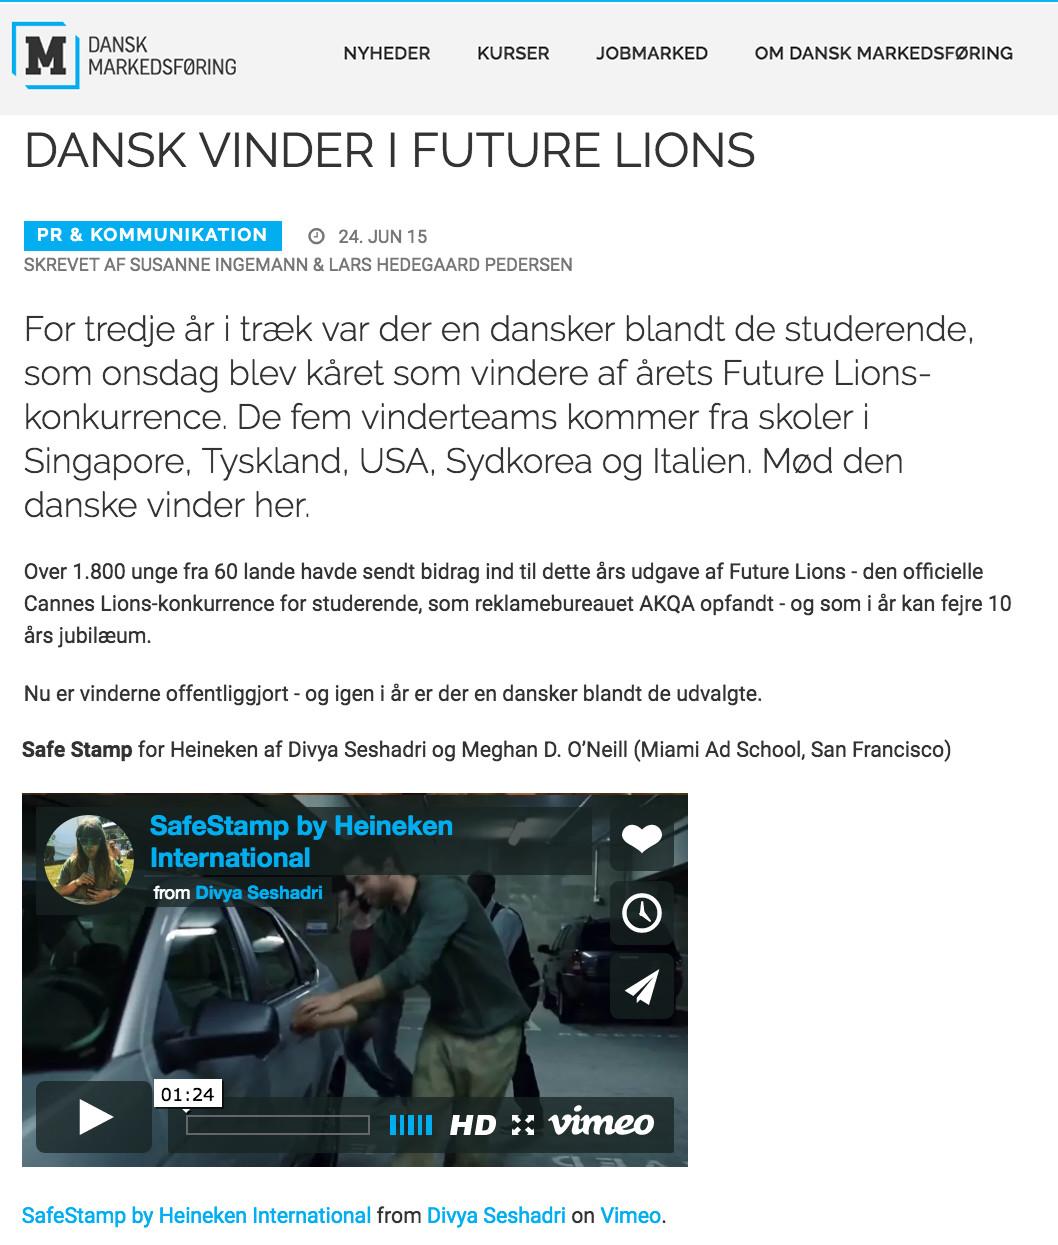 Markedsforing (Denmark)